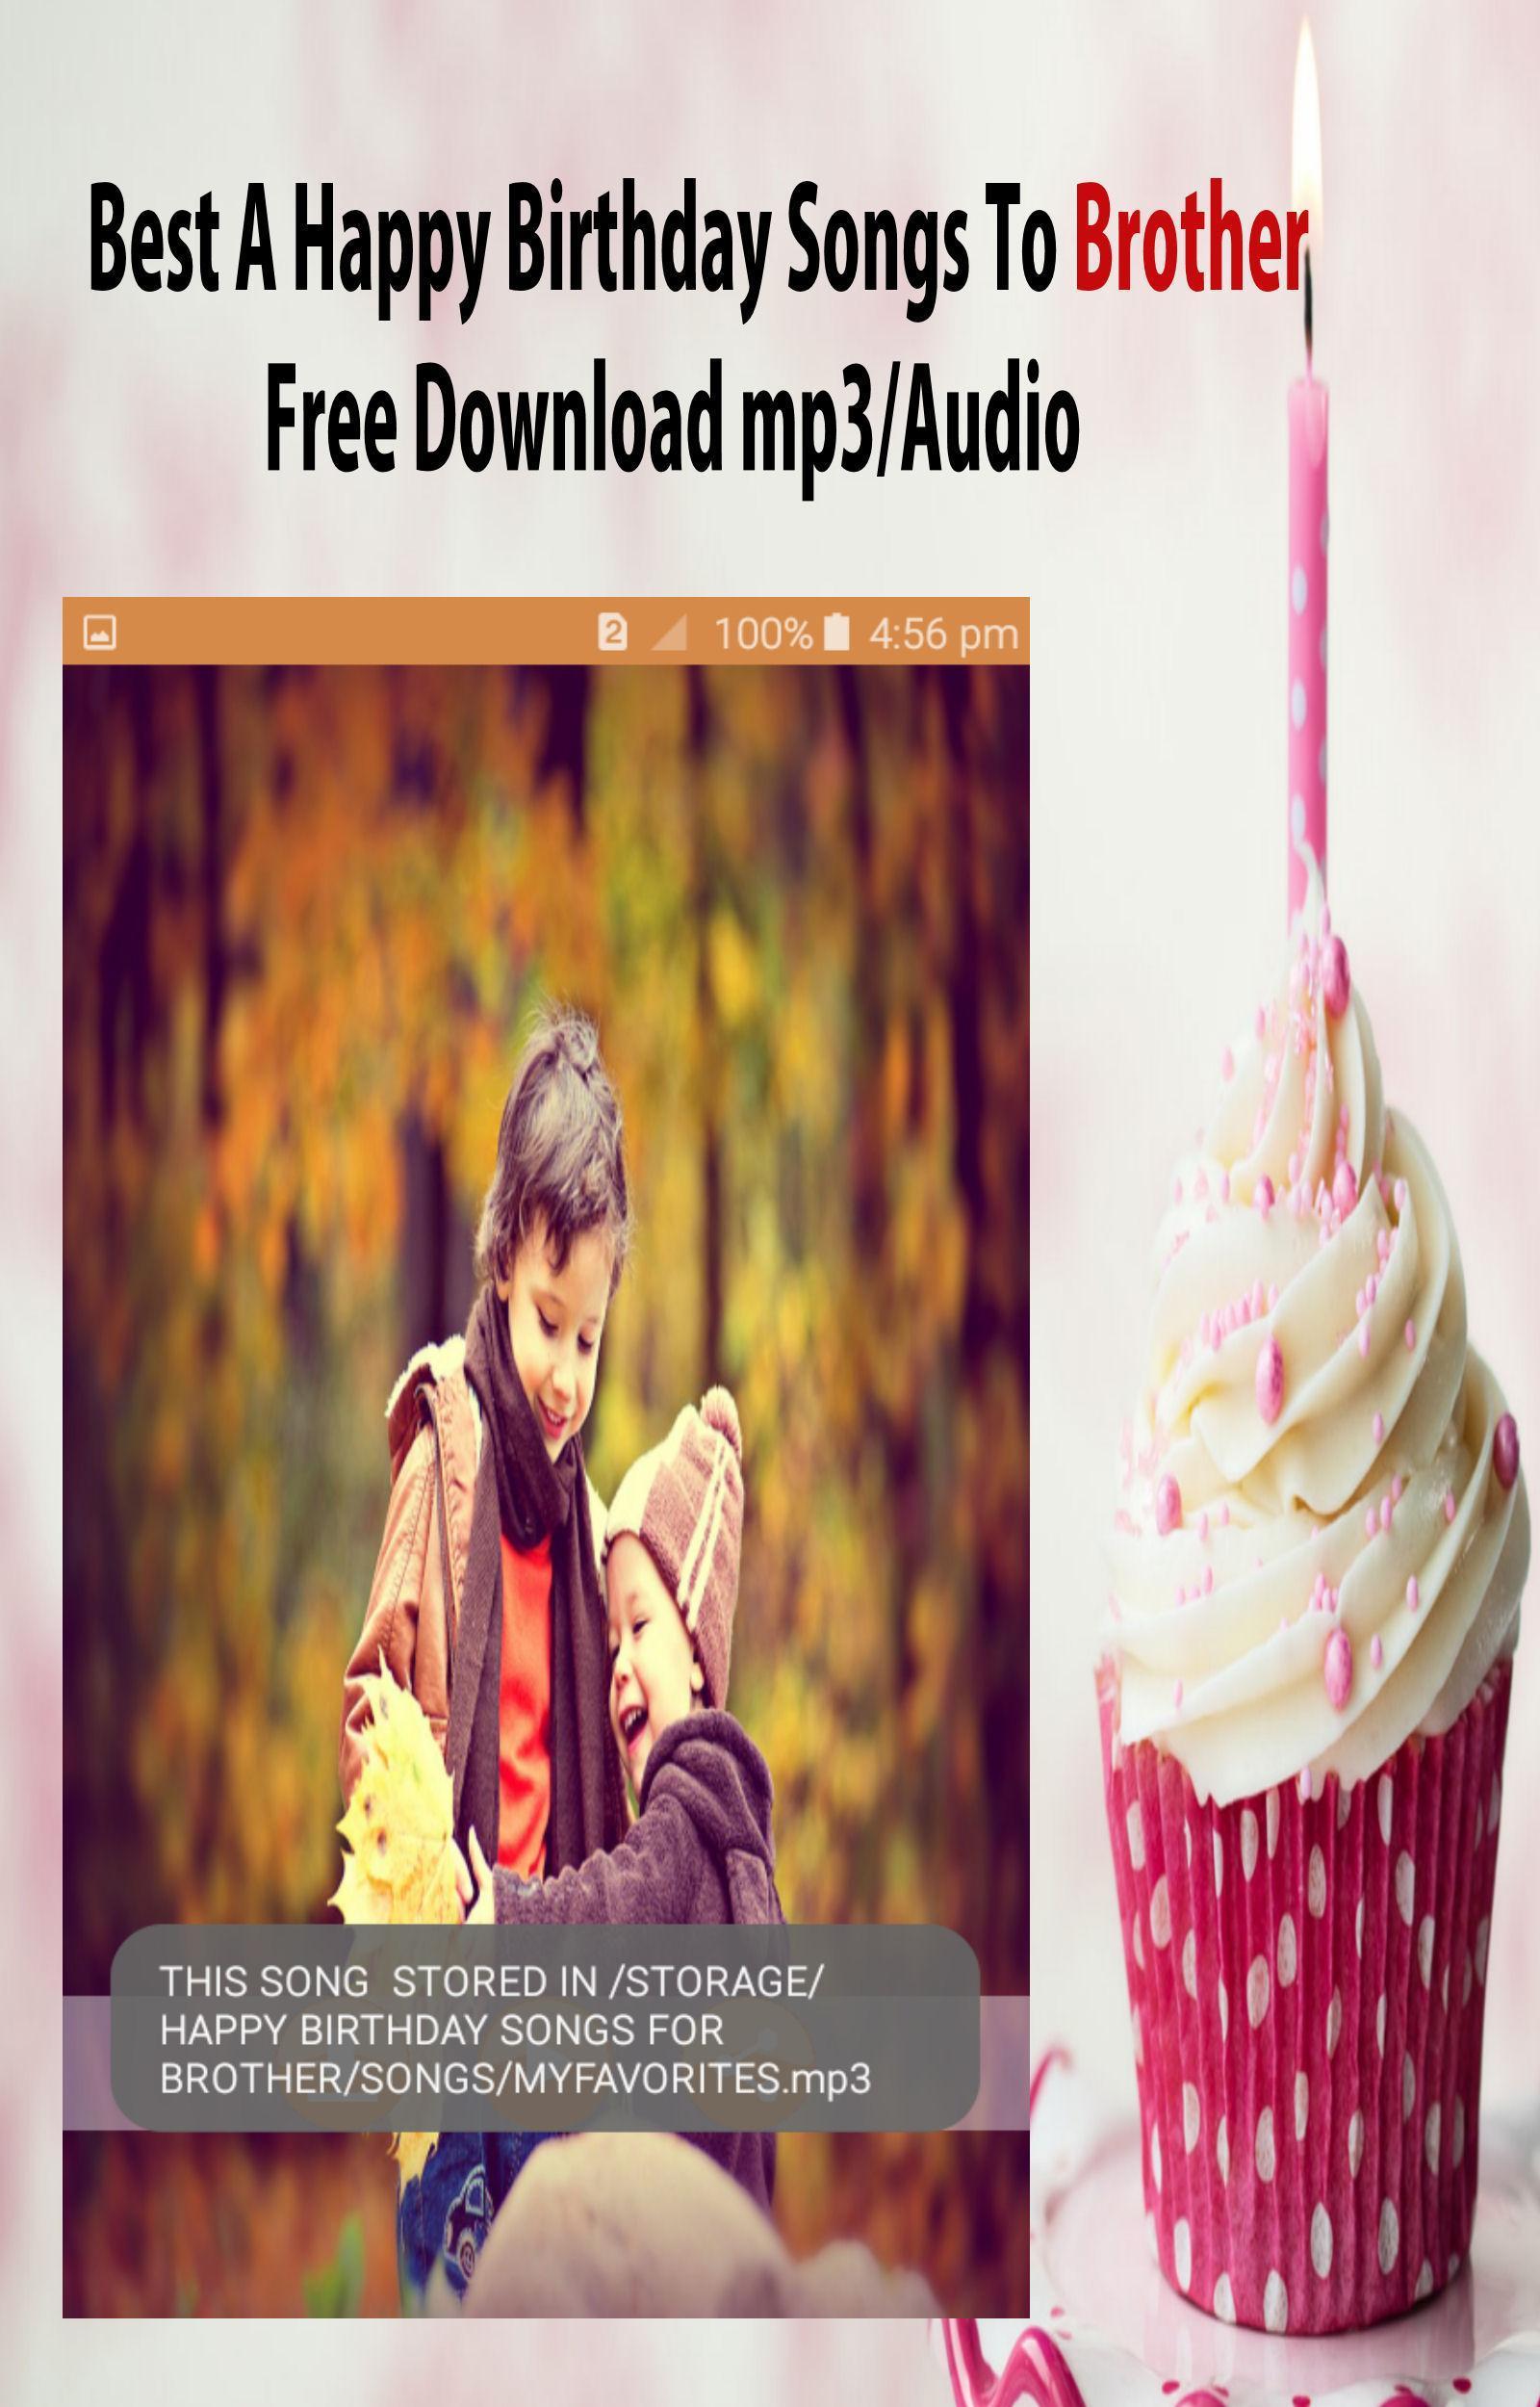 تحميل اغنية عيد ميلاد بالانجليزي mp3